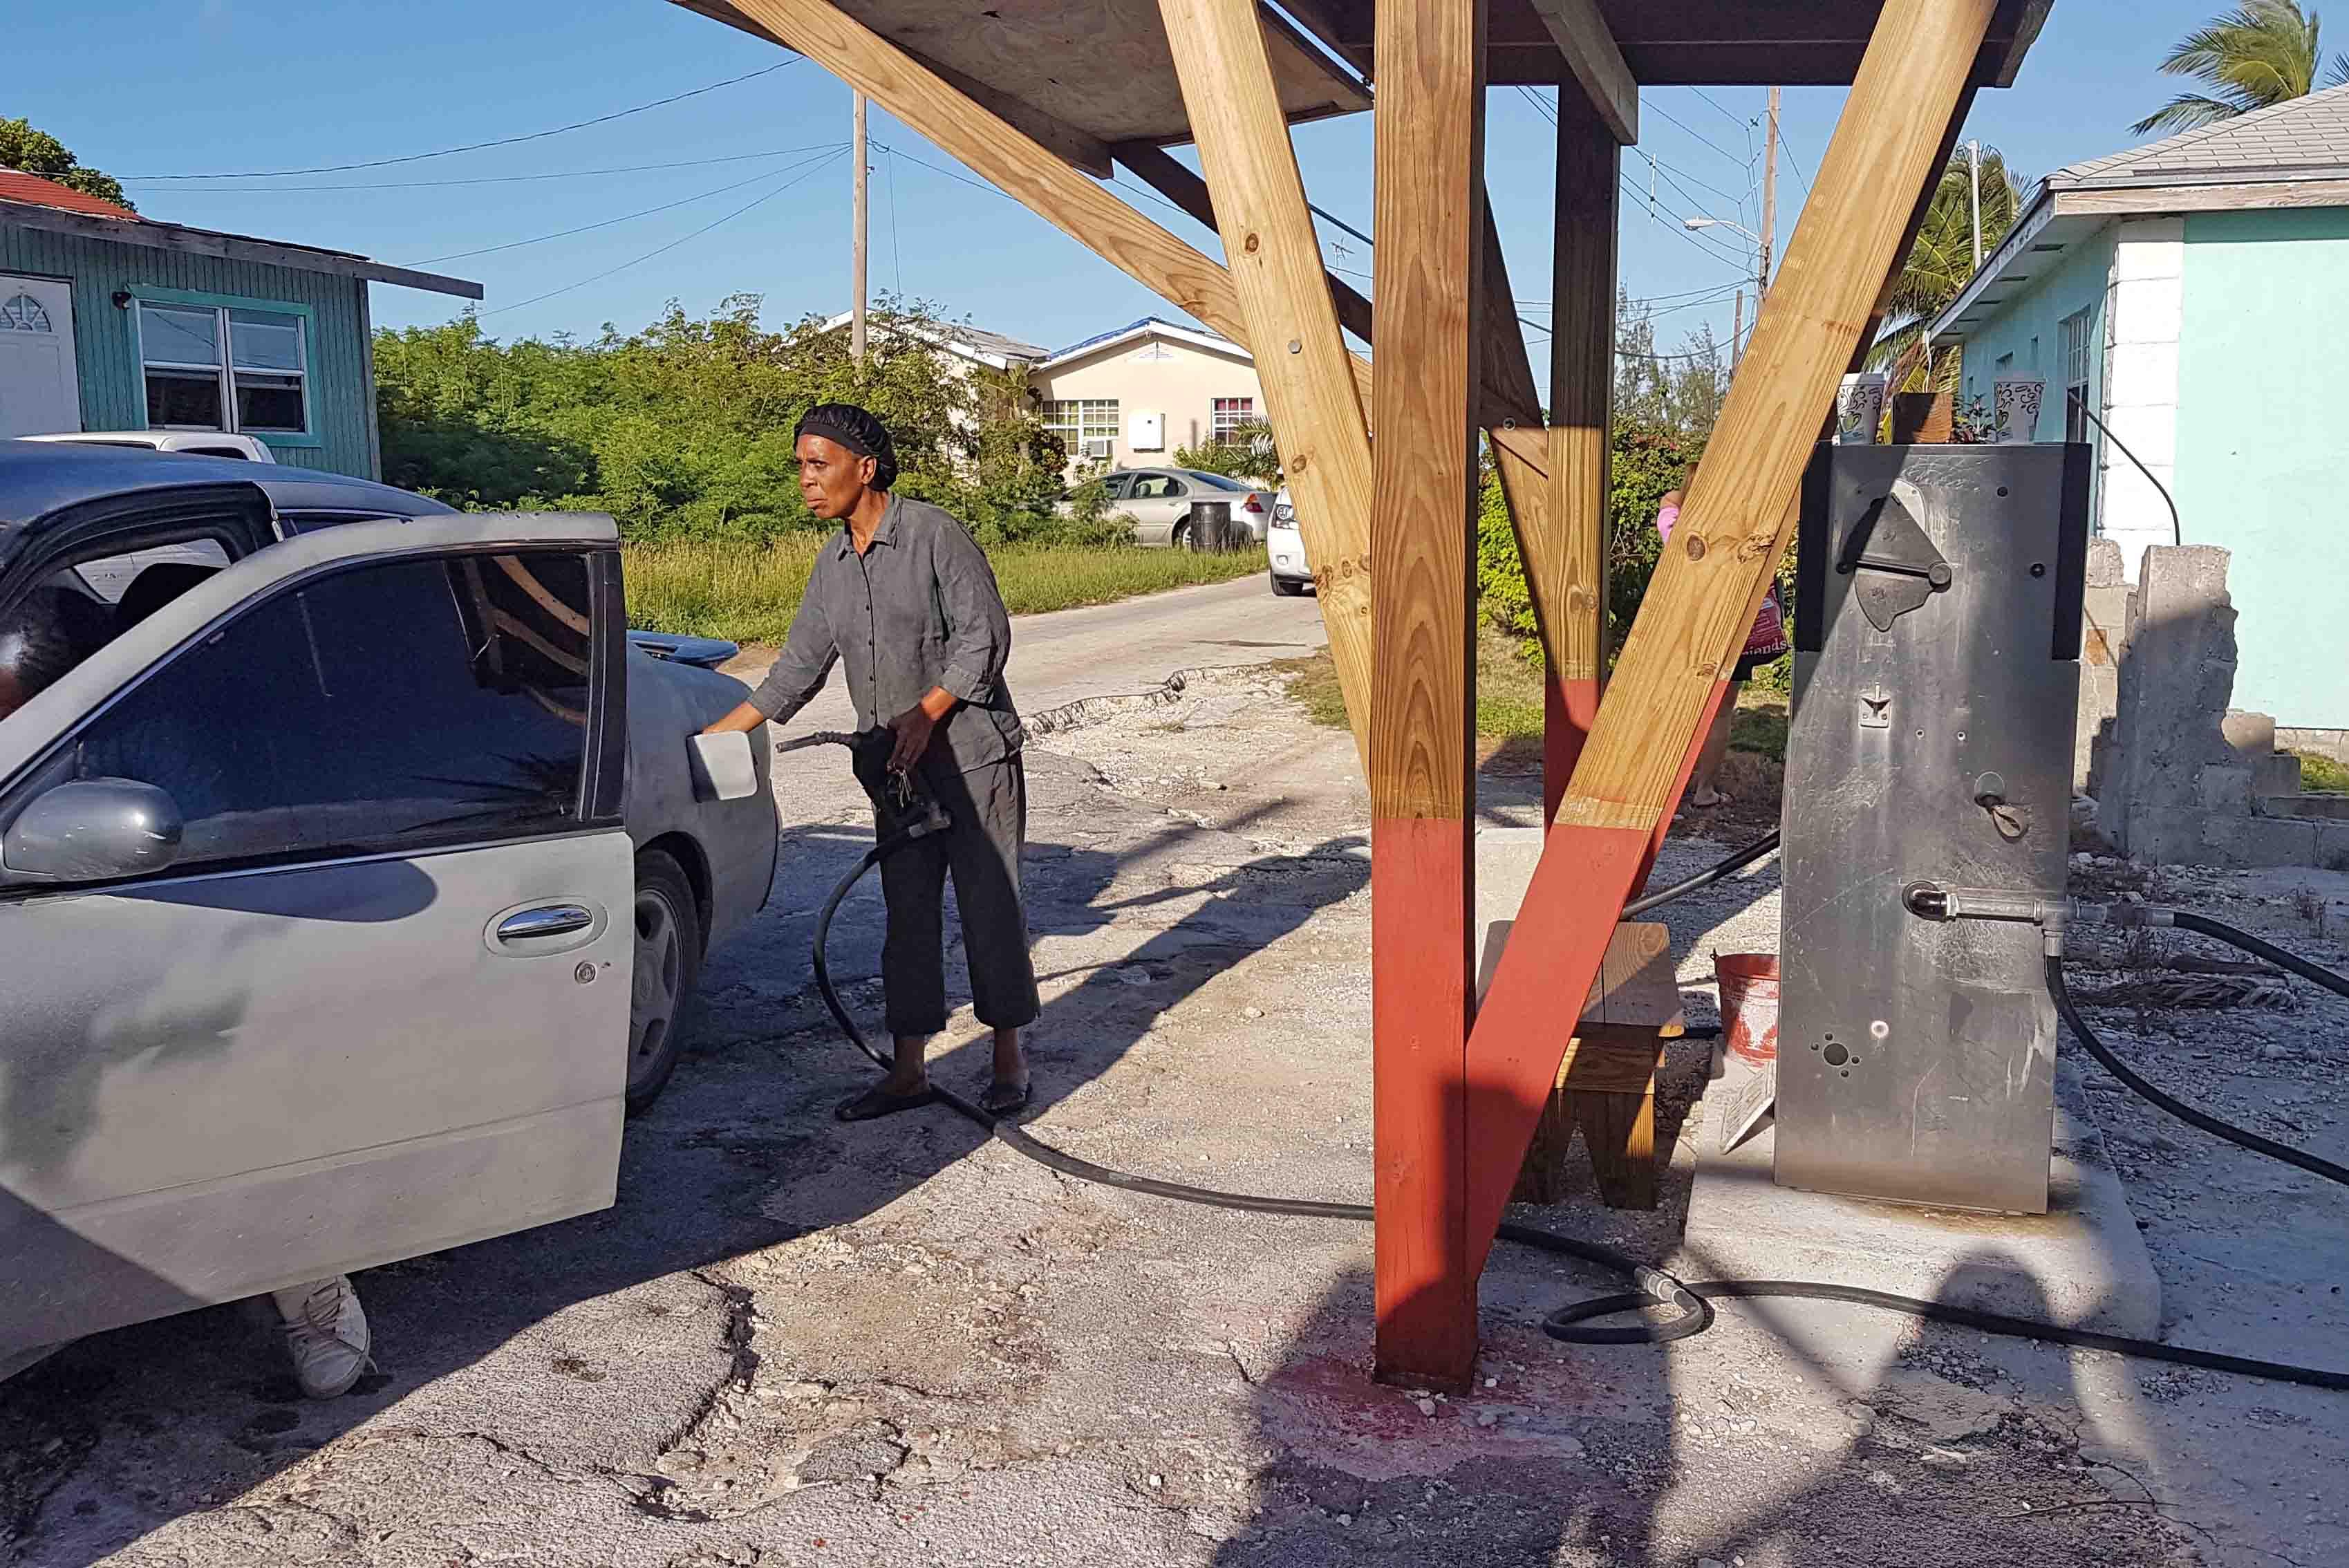 Posto de gasolina na ilha de Great Exuma, Bahamas - Tudo muito rústico!